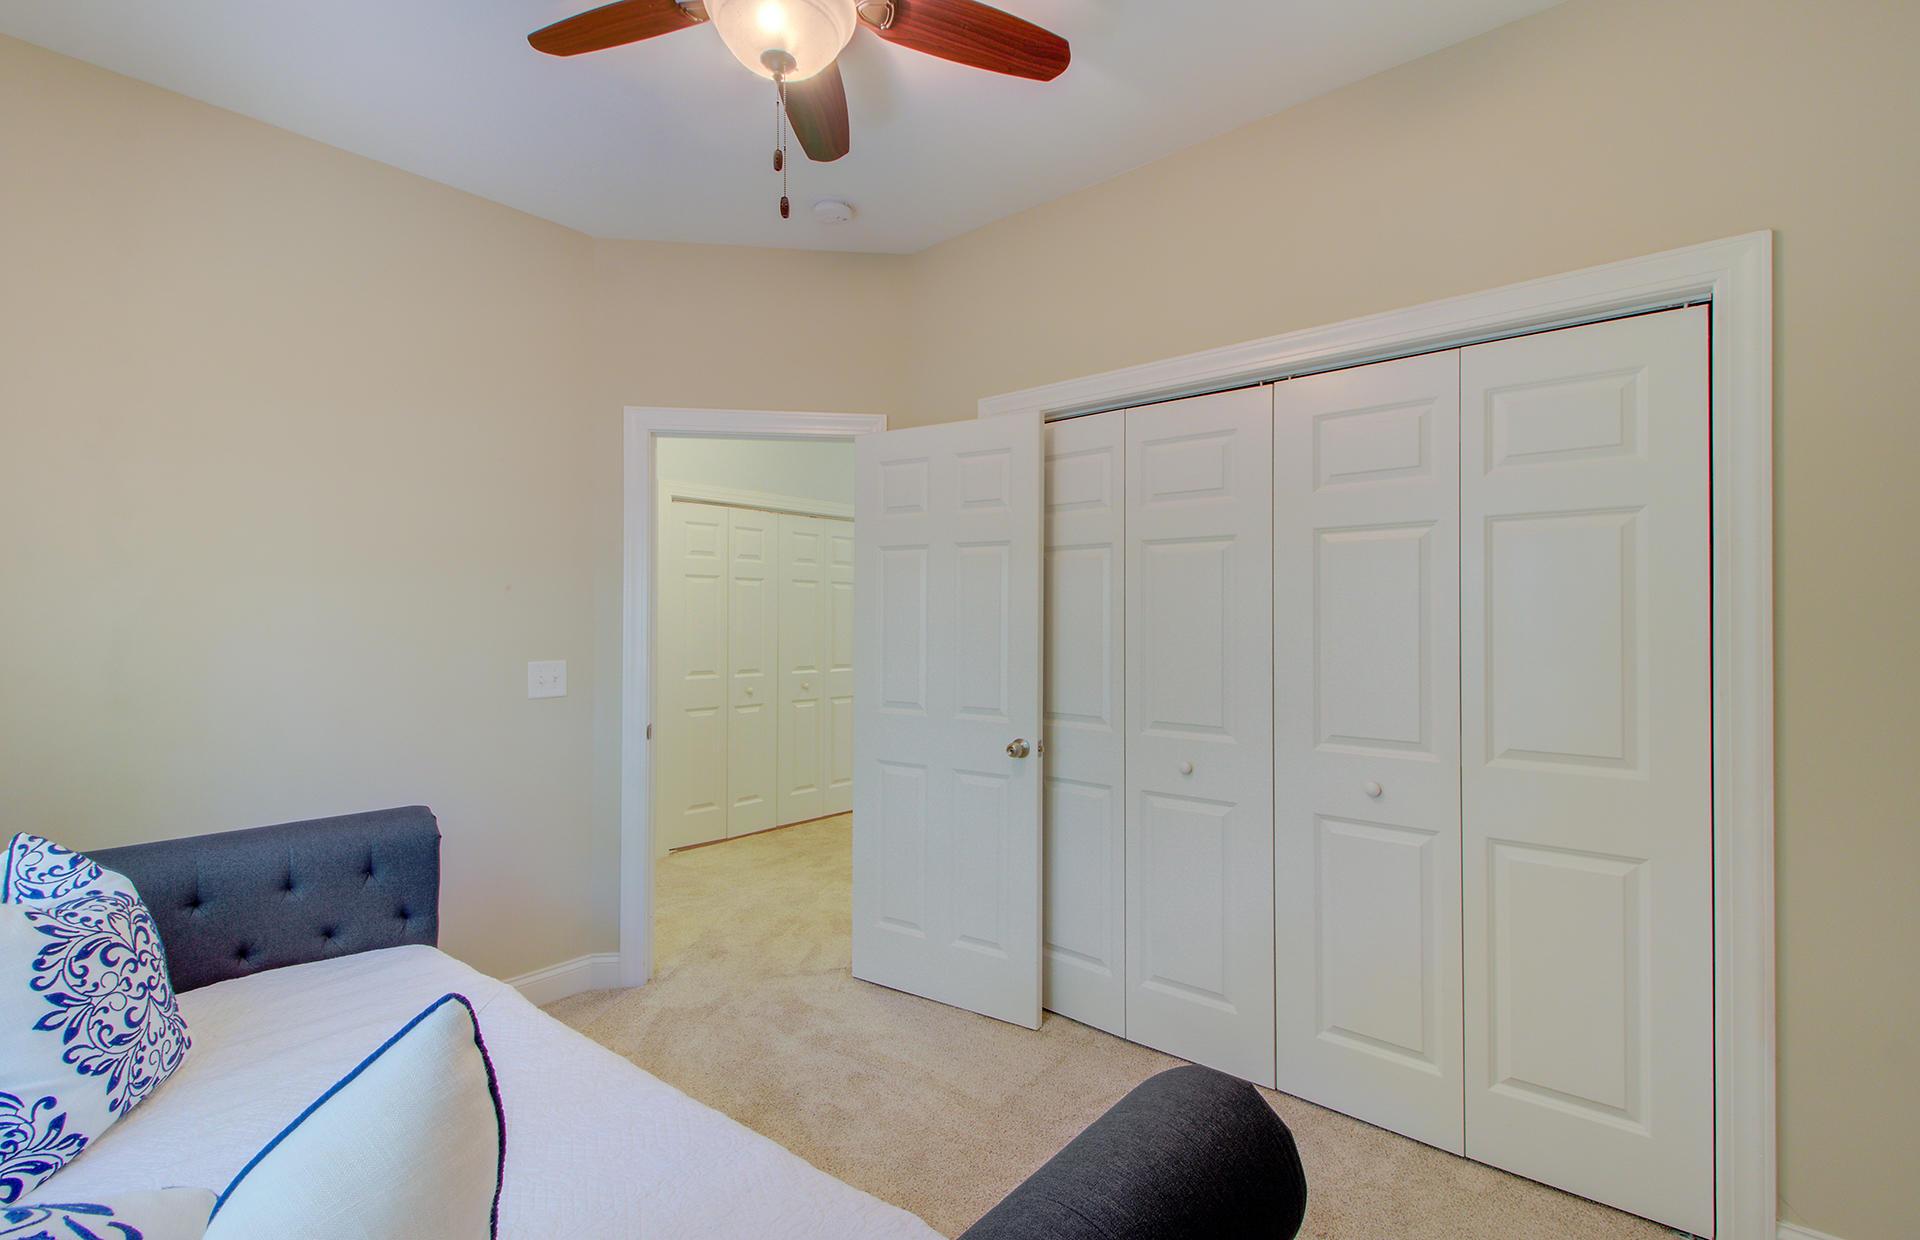 Phillips Park Homes For Sale - 1129 Phillips Park, Mount Pleasant, SC - 33